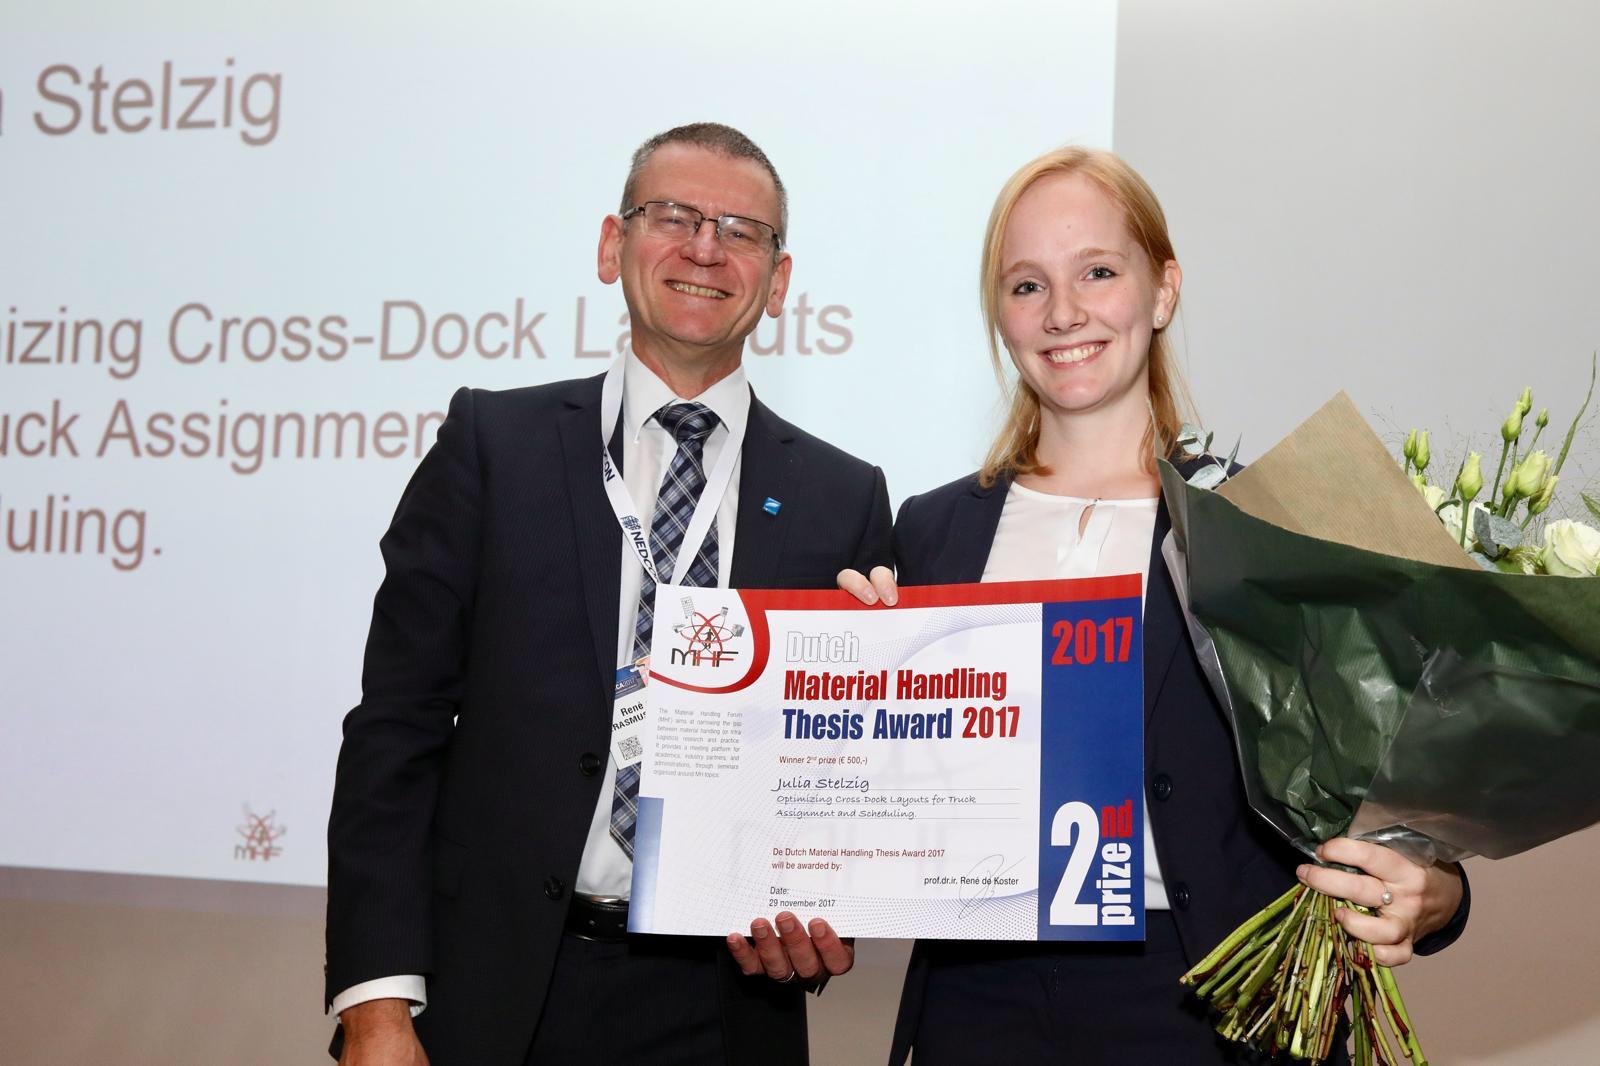 Julia Stelzig winnaar tweede prijs Material Handling Thesis Award